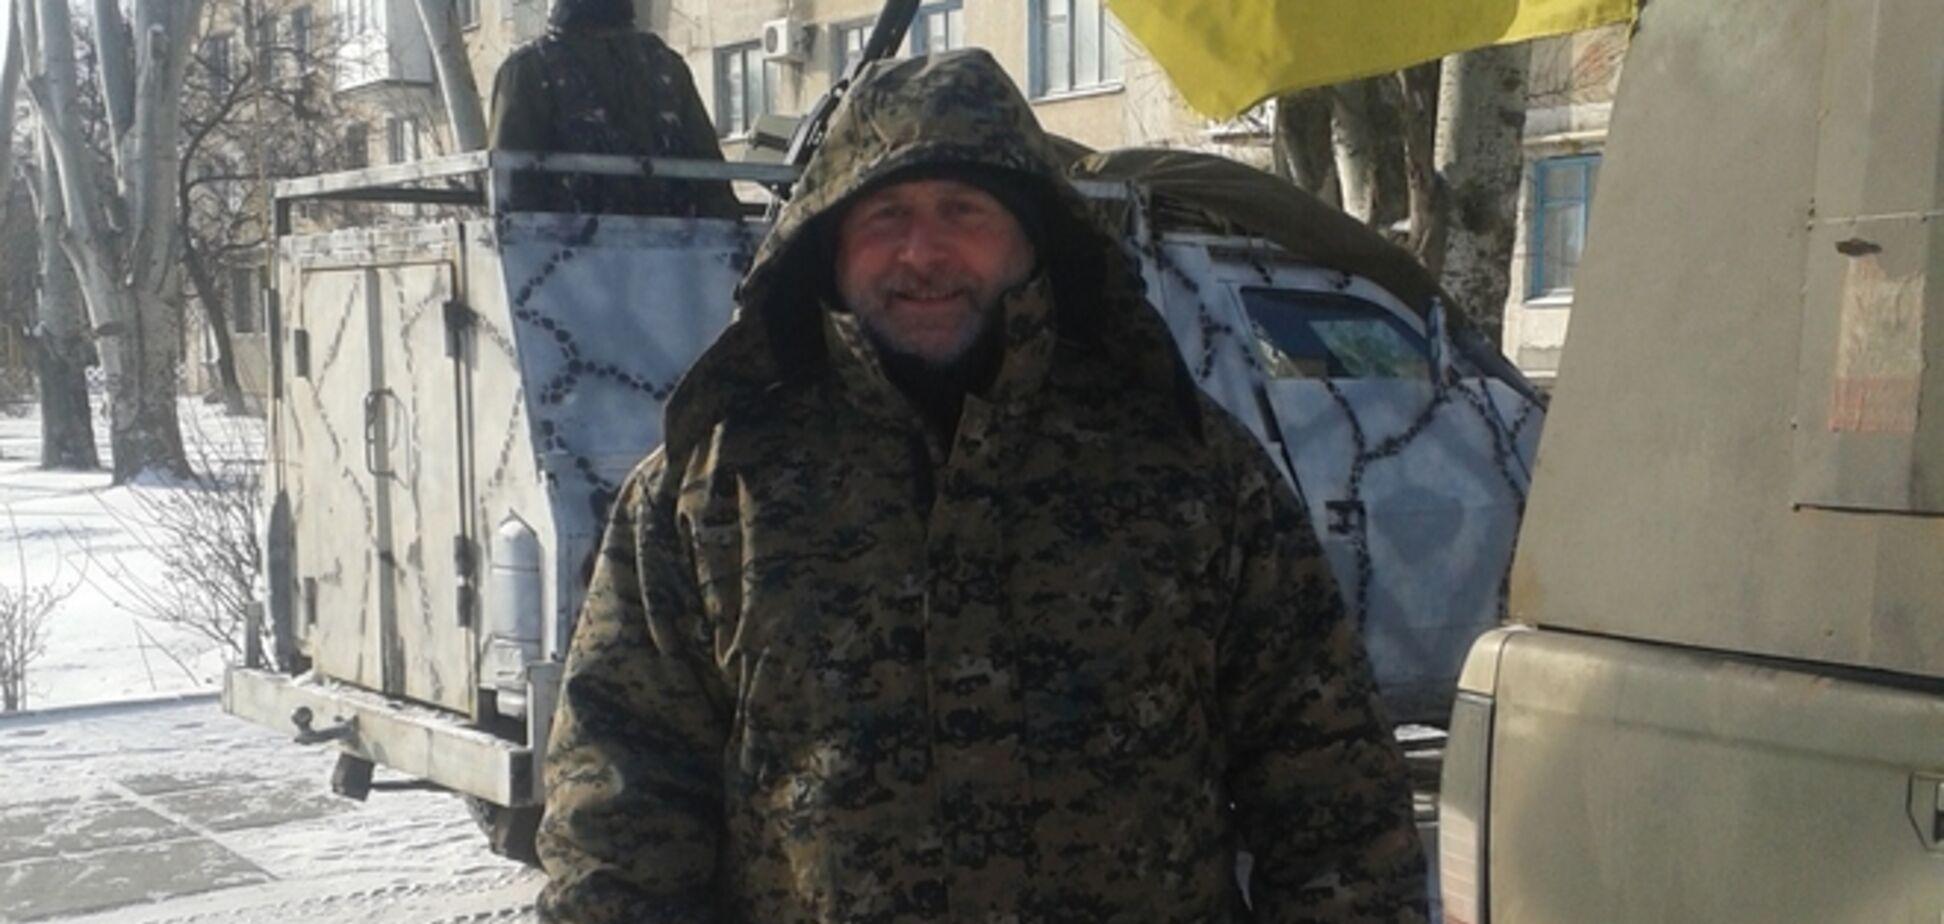 Комбат 'Київської Русі': Путін хоче, щоб на Донбасі 'подохли' російські наркомани і садисти